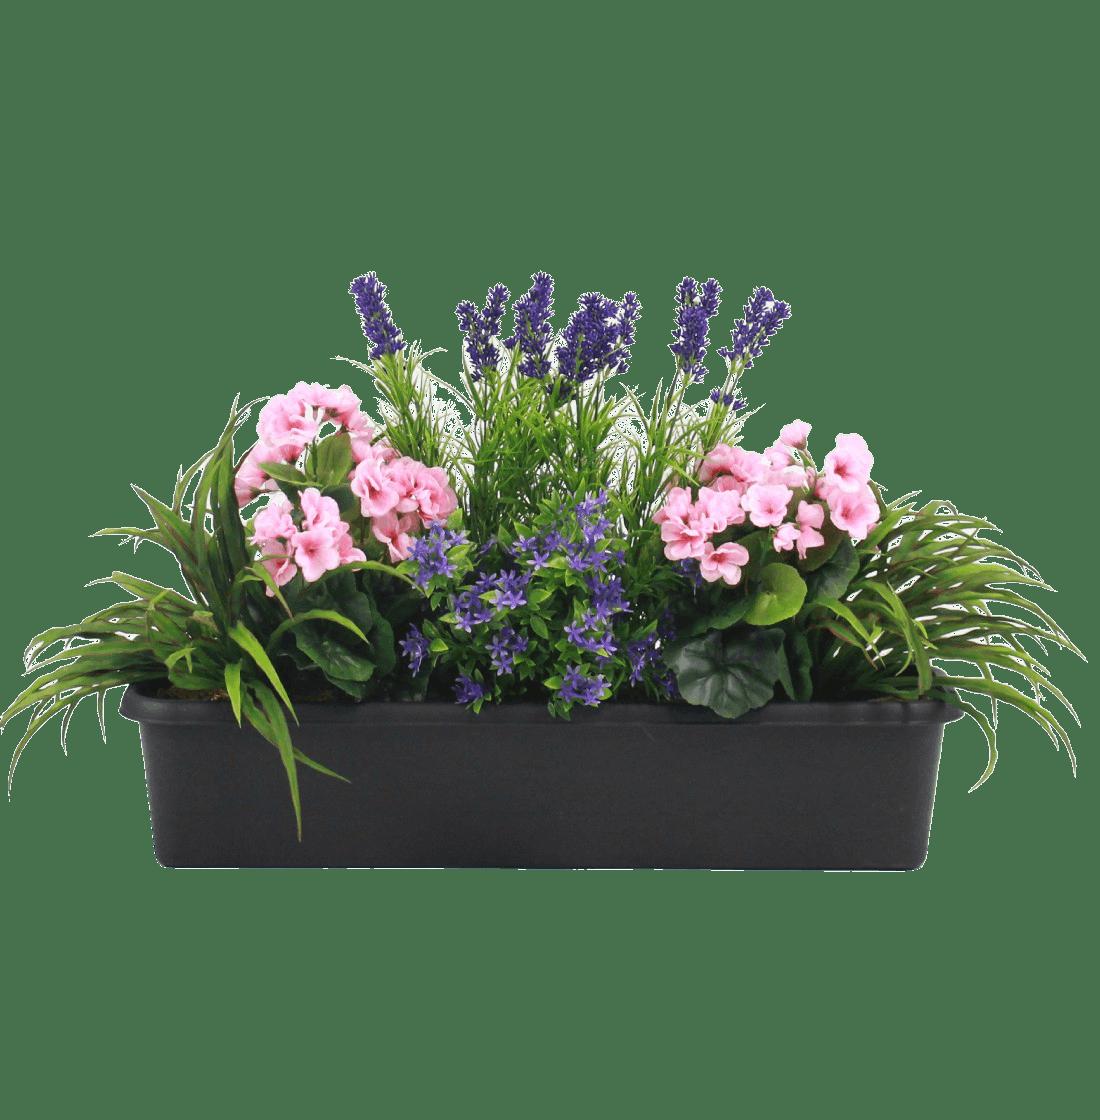 Artificial mixed flower window box